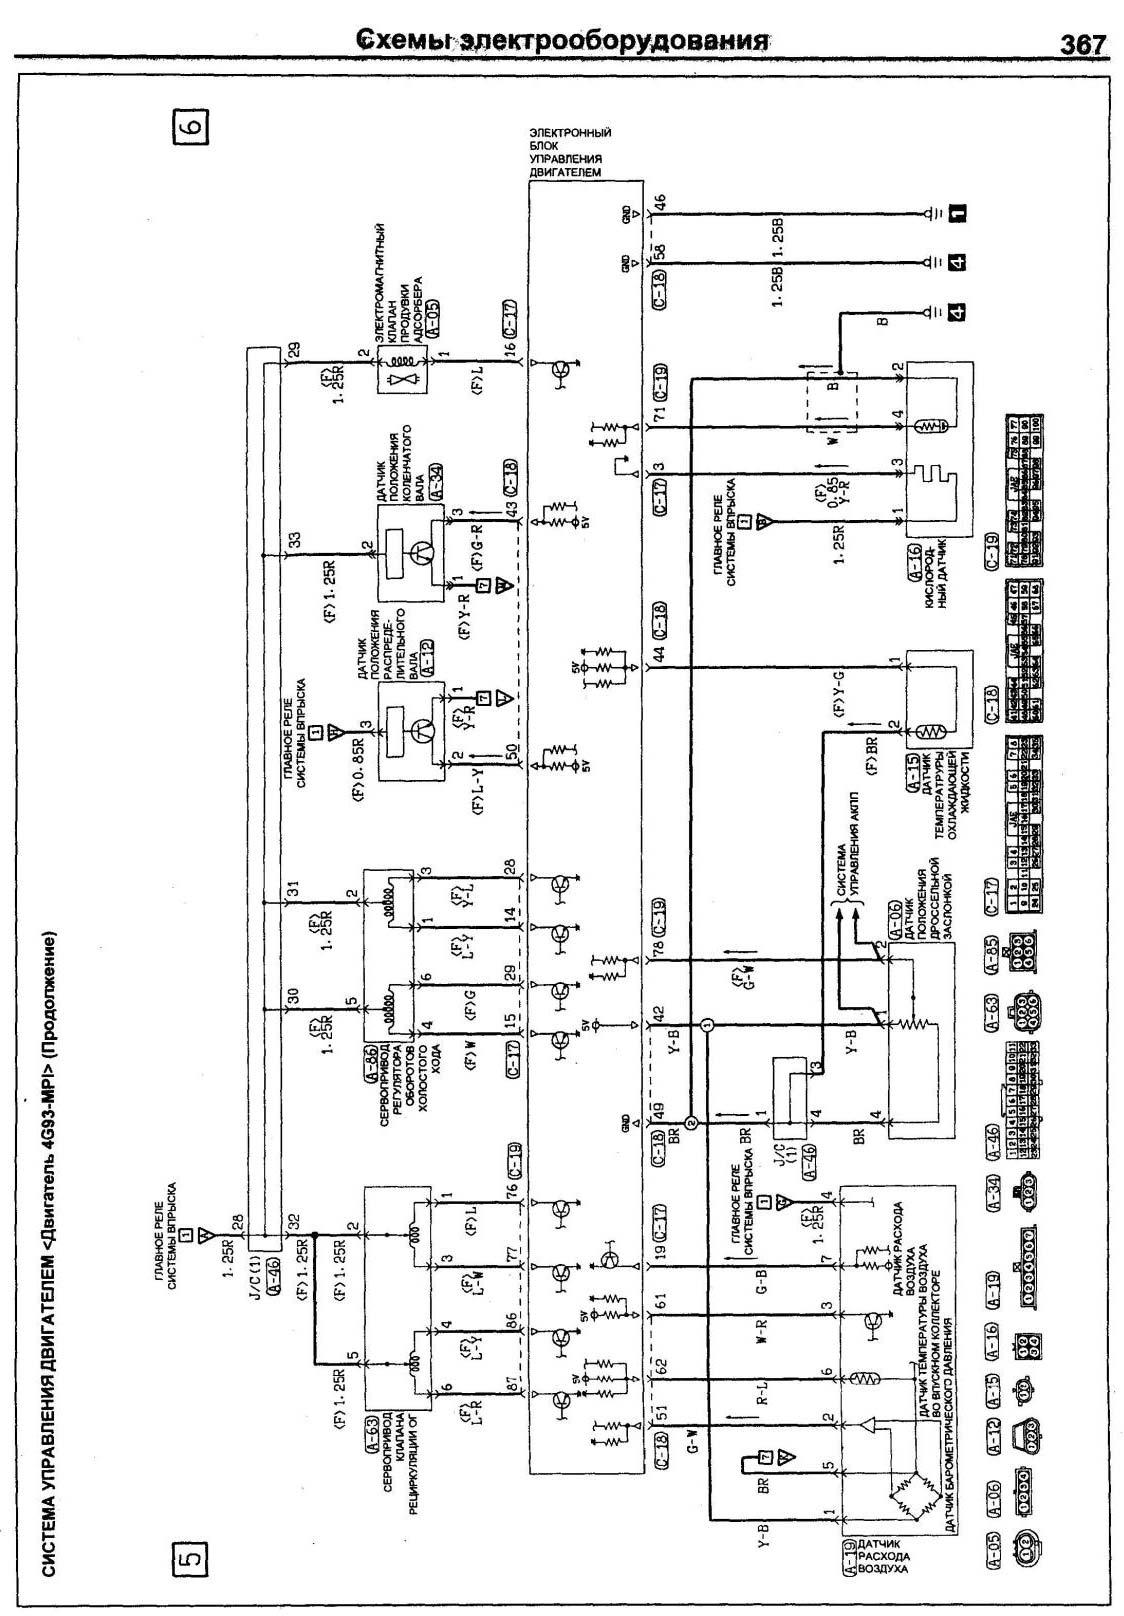 Электрическая схема Mitsubishi Pajero Pinin (Pajero iO)